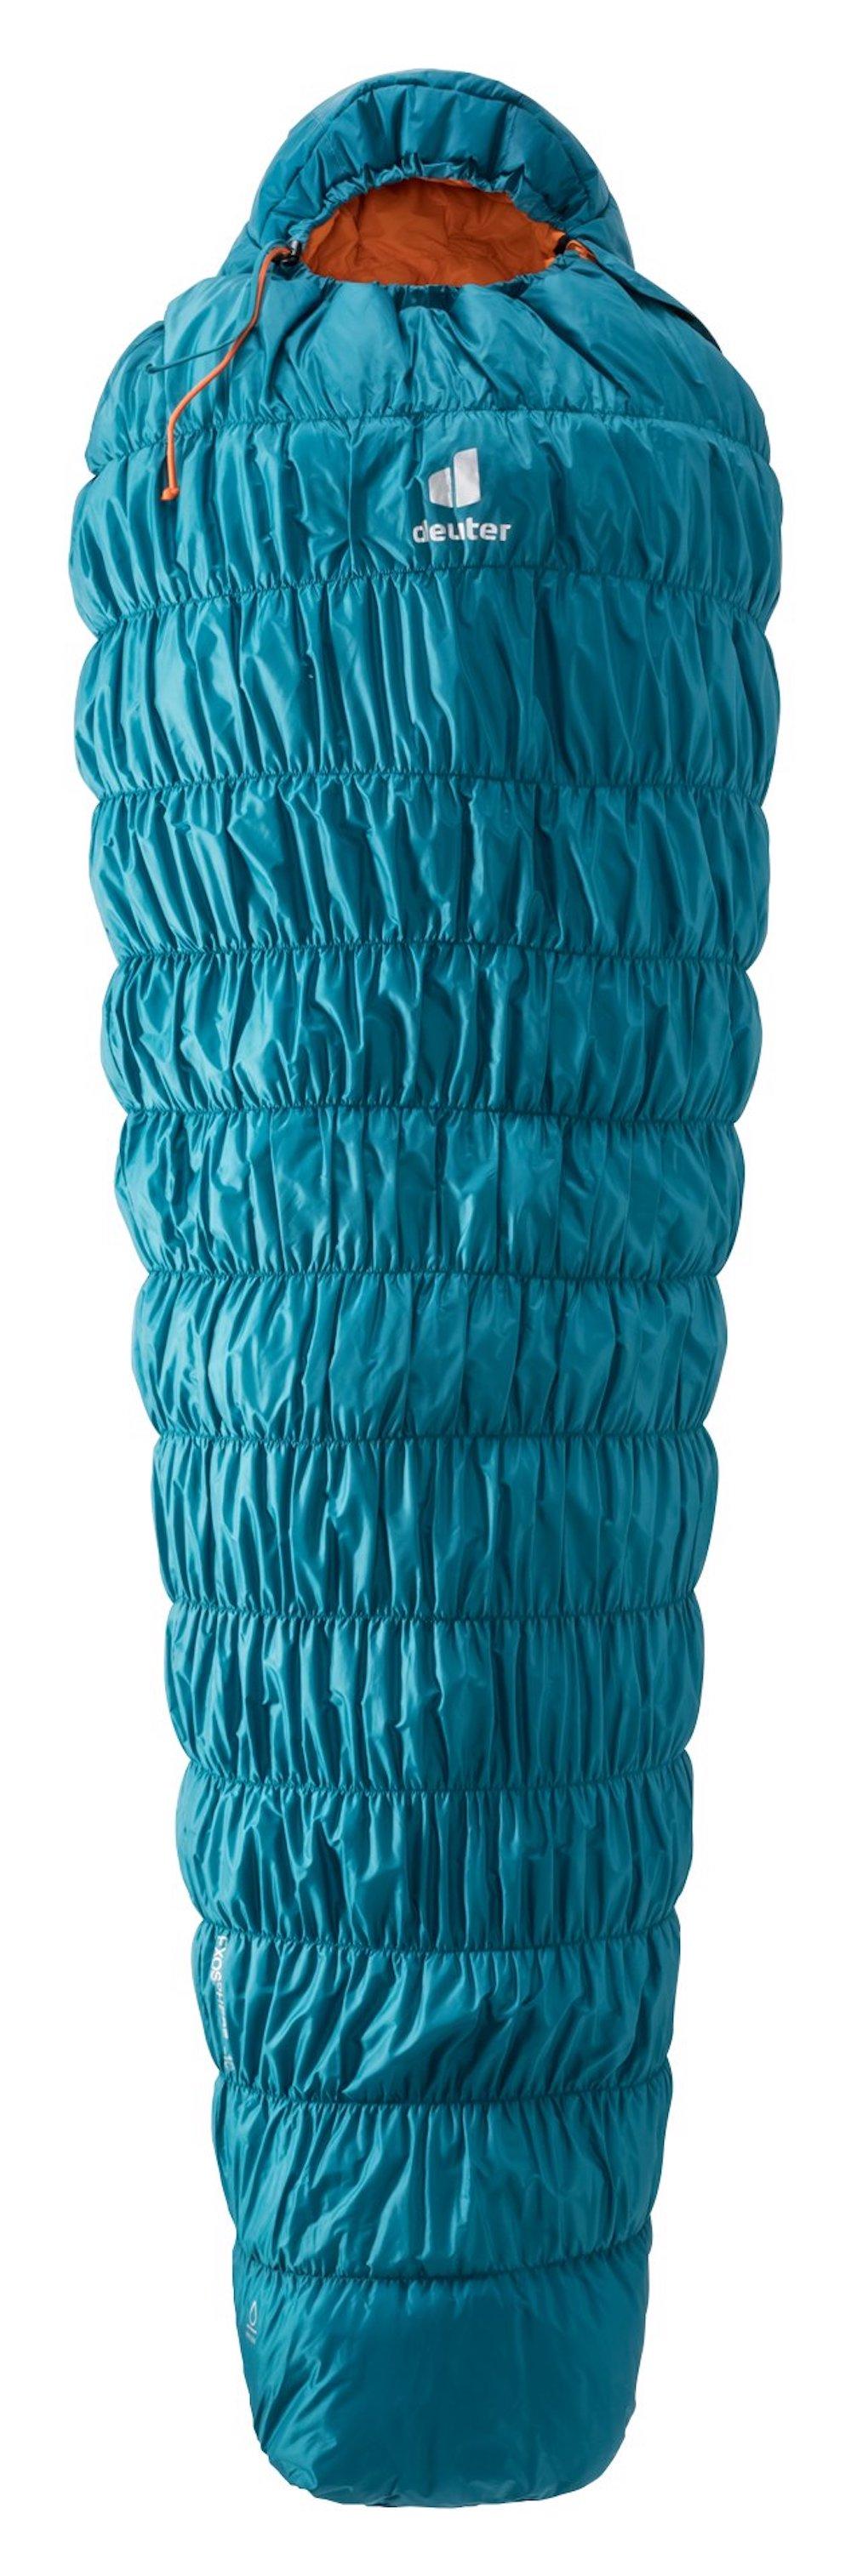 Deuter - Exosphere -10° SL / Zip left, Kunstfaserschlafsack für Frauen